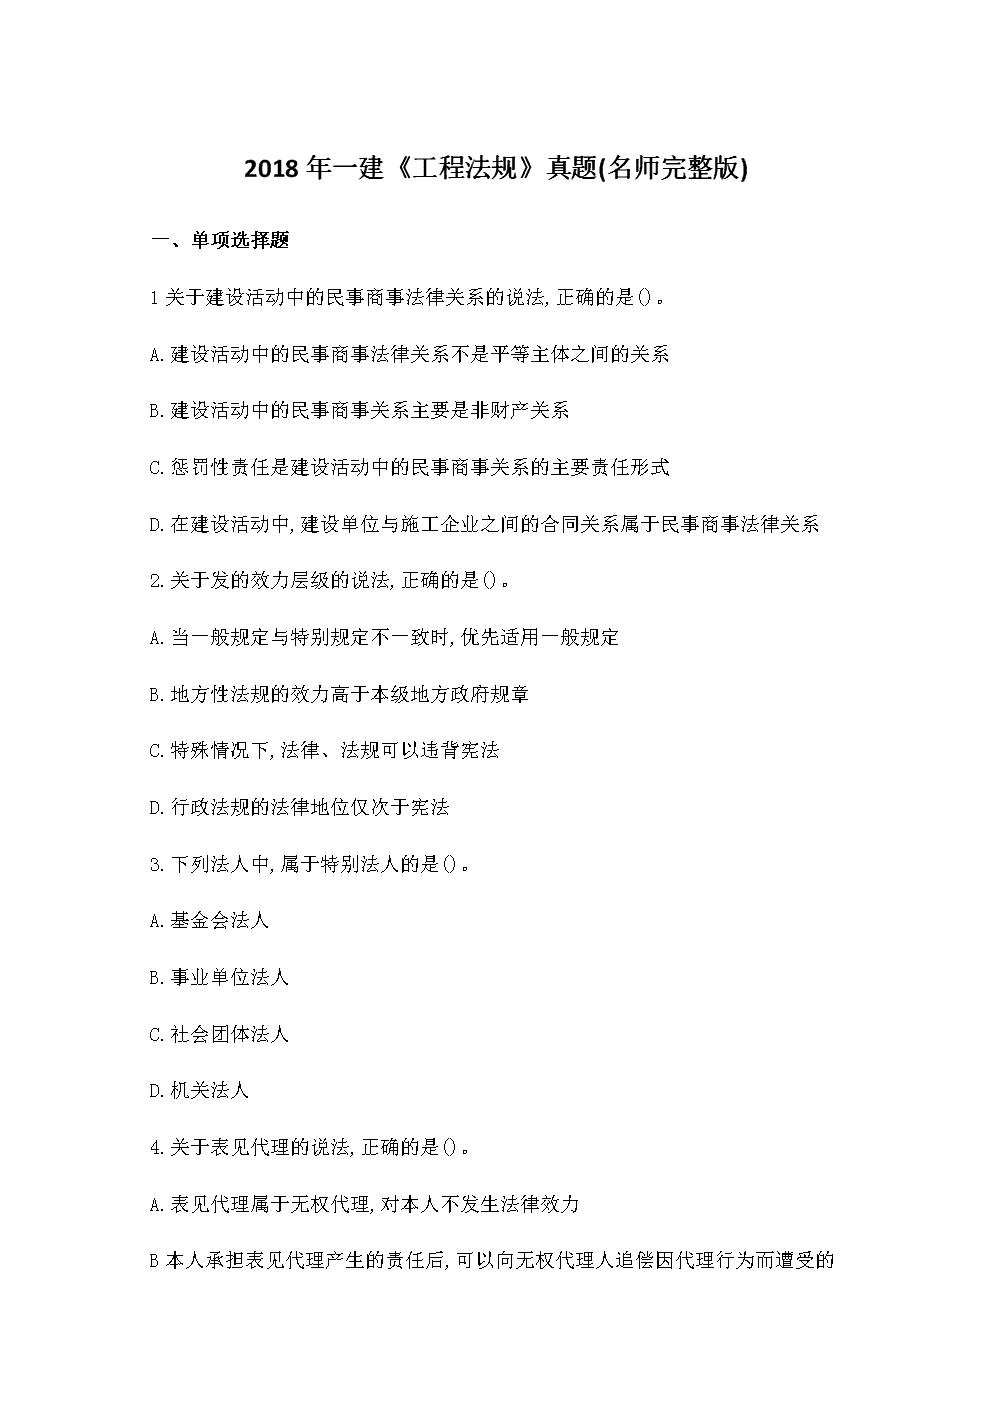 2018年一建法规真题(无答案).docx